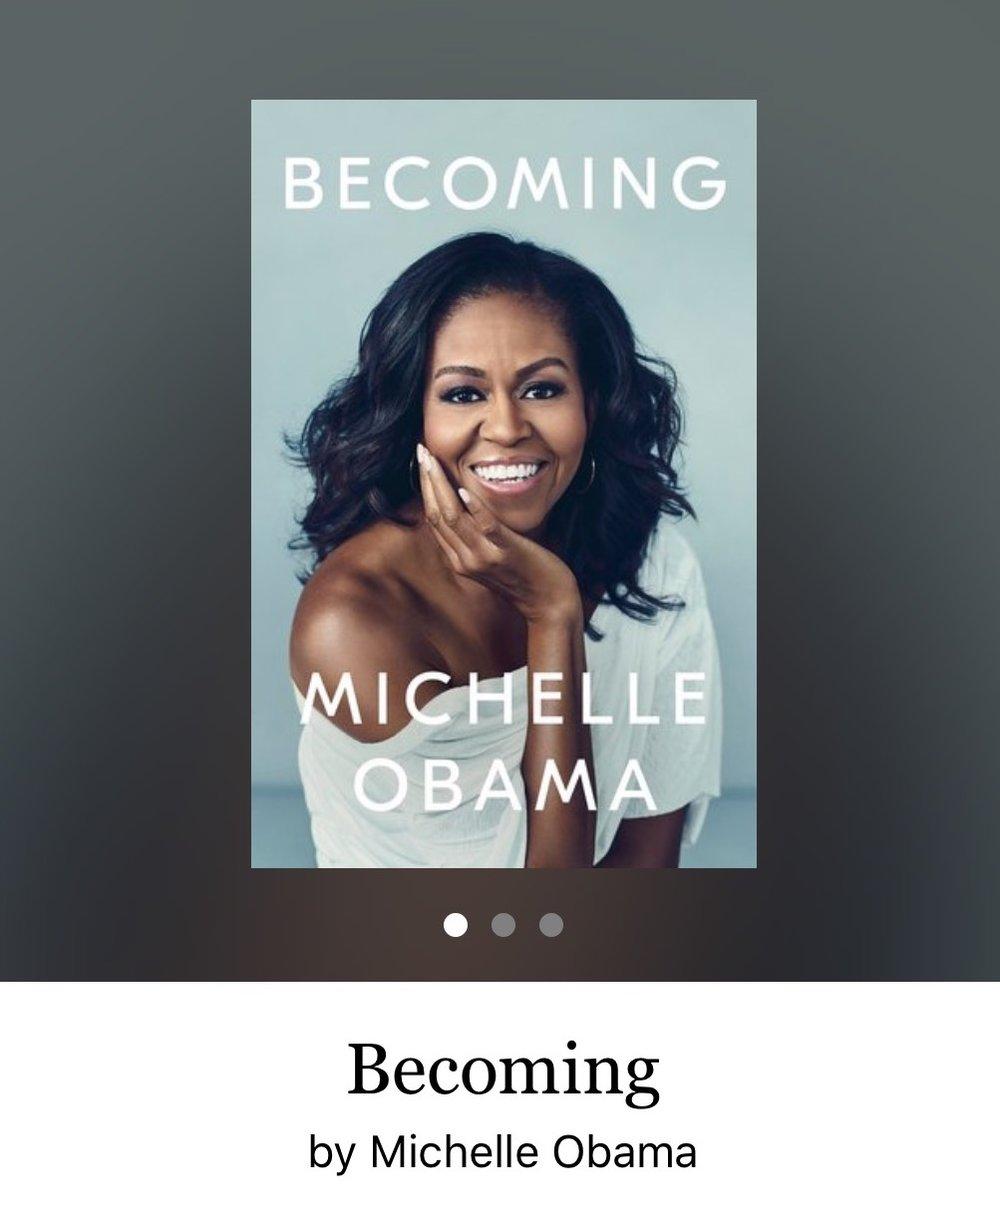 Screenshot from Goodreads